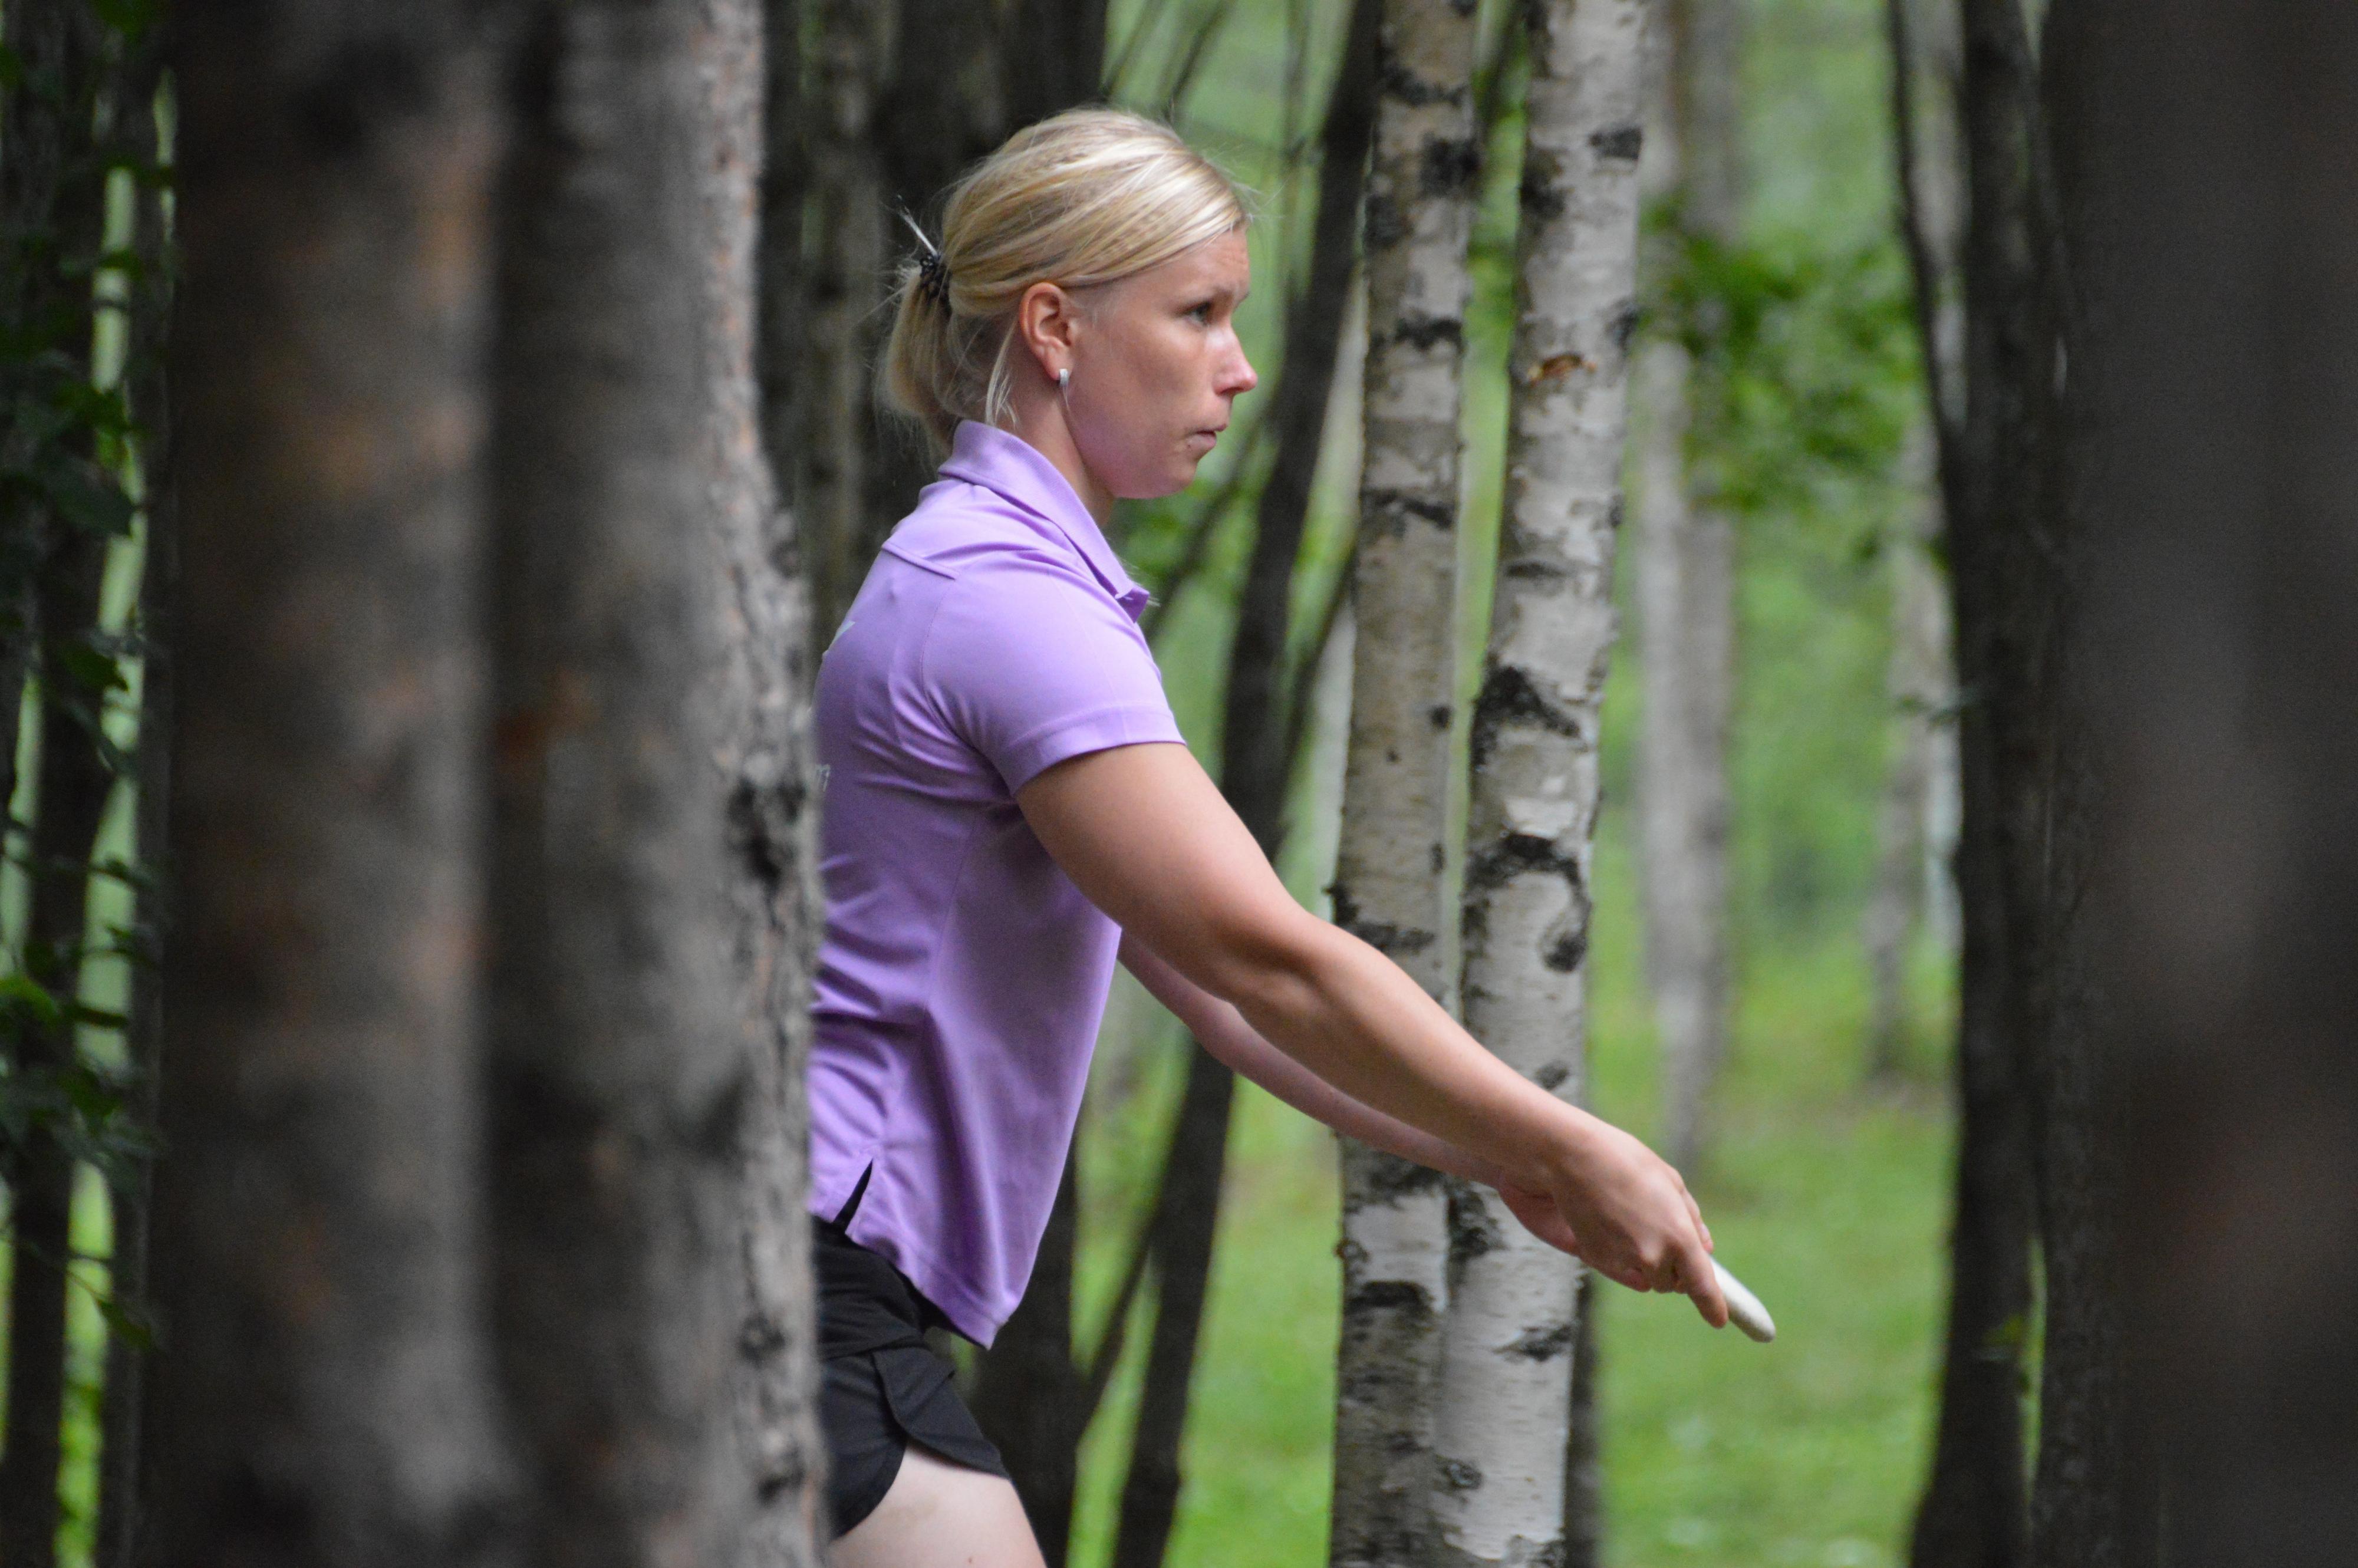 Jenni Eskelinen kilpailee kotiradallaan. Kuva: Kari Toivonen / SM2016